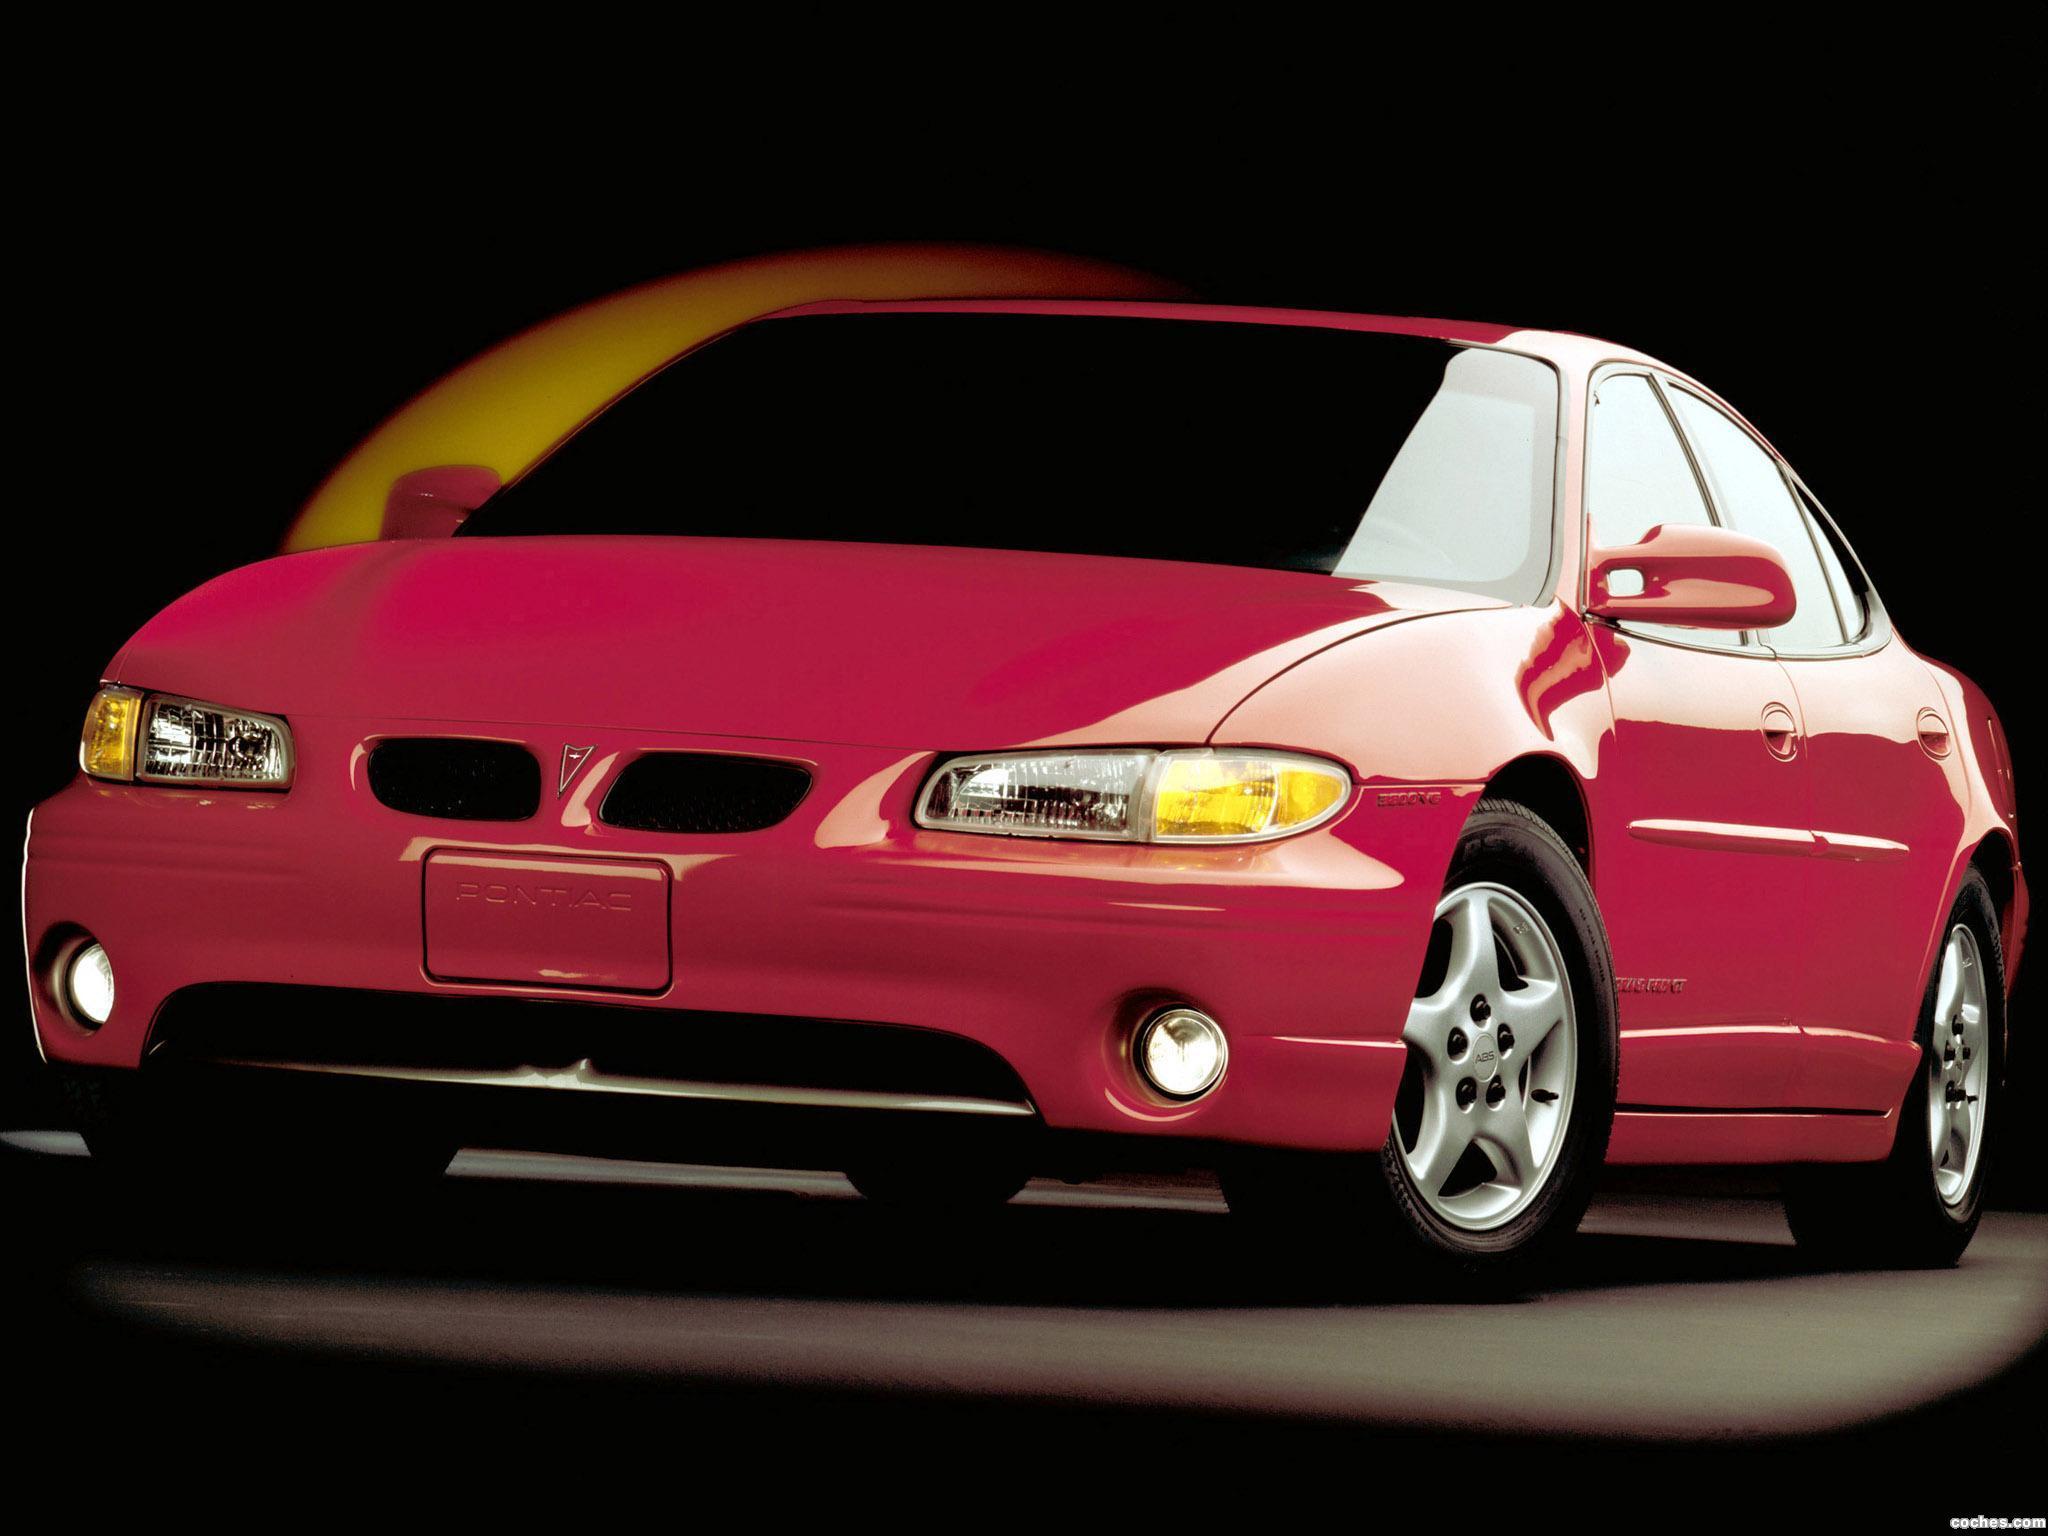 Foto 0 de Pontiac Grand Prix 1997